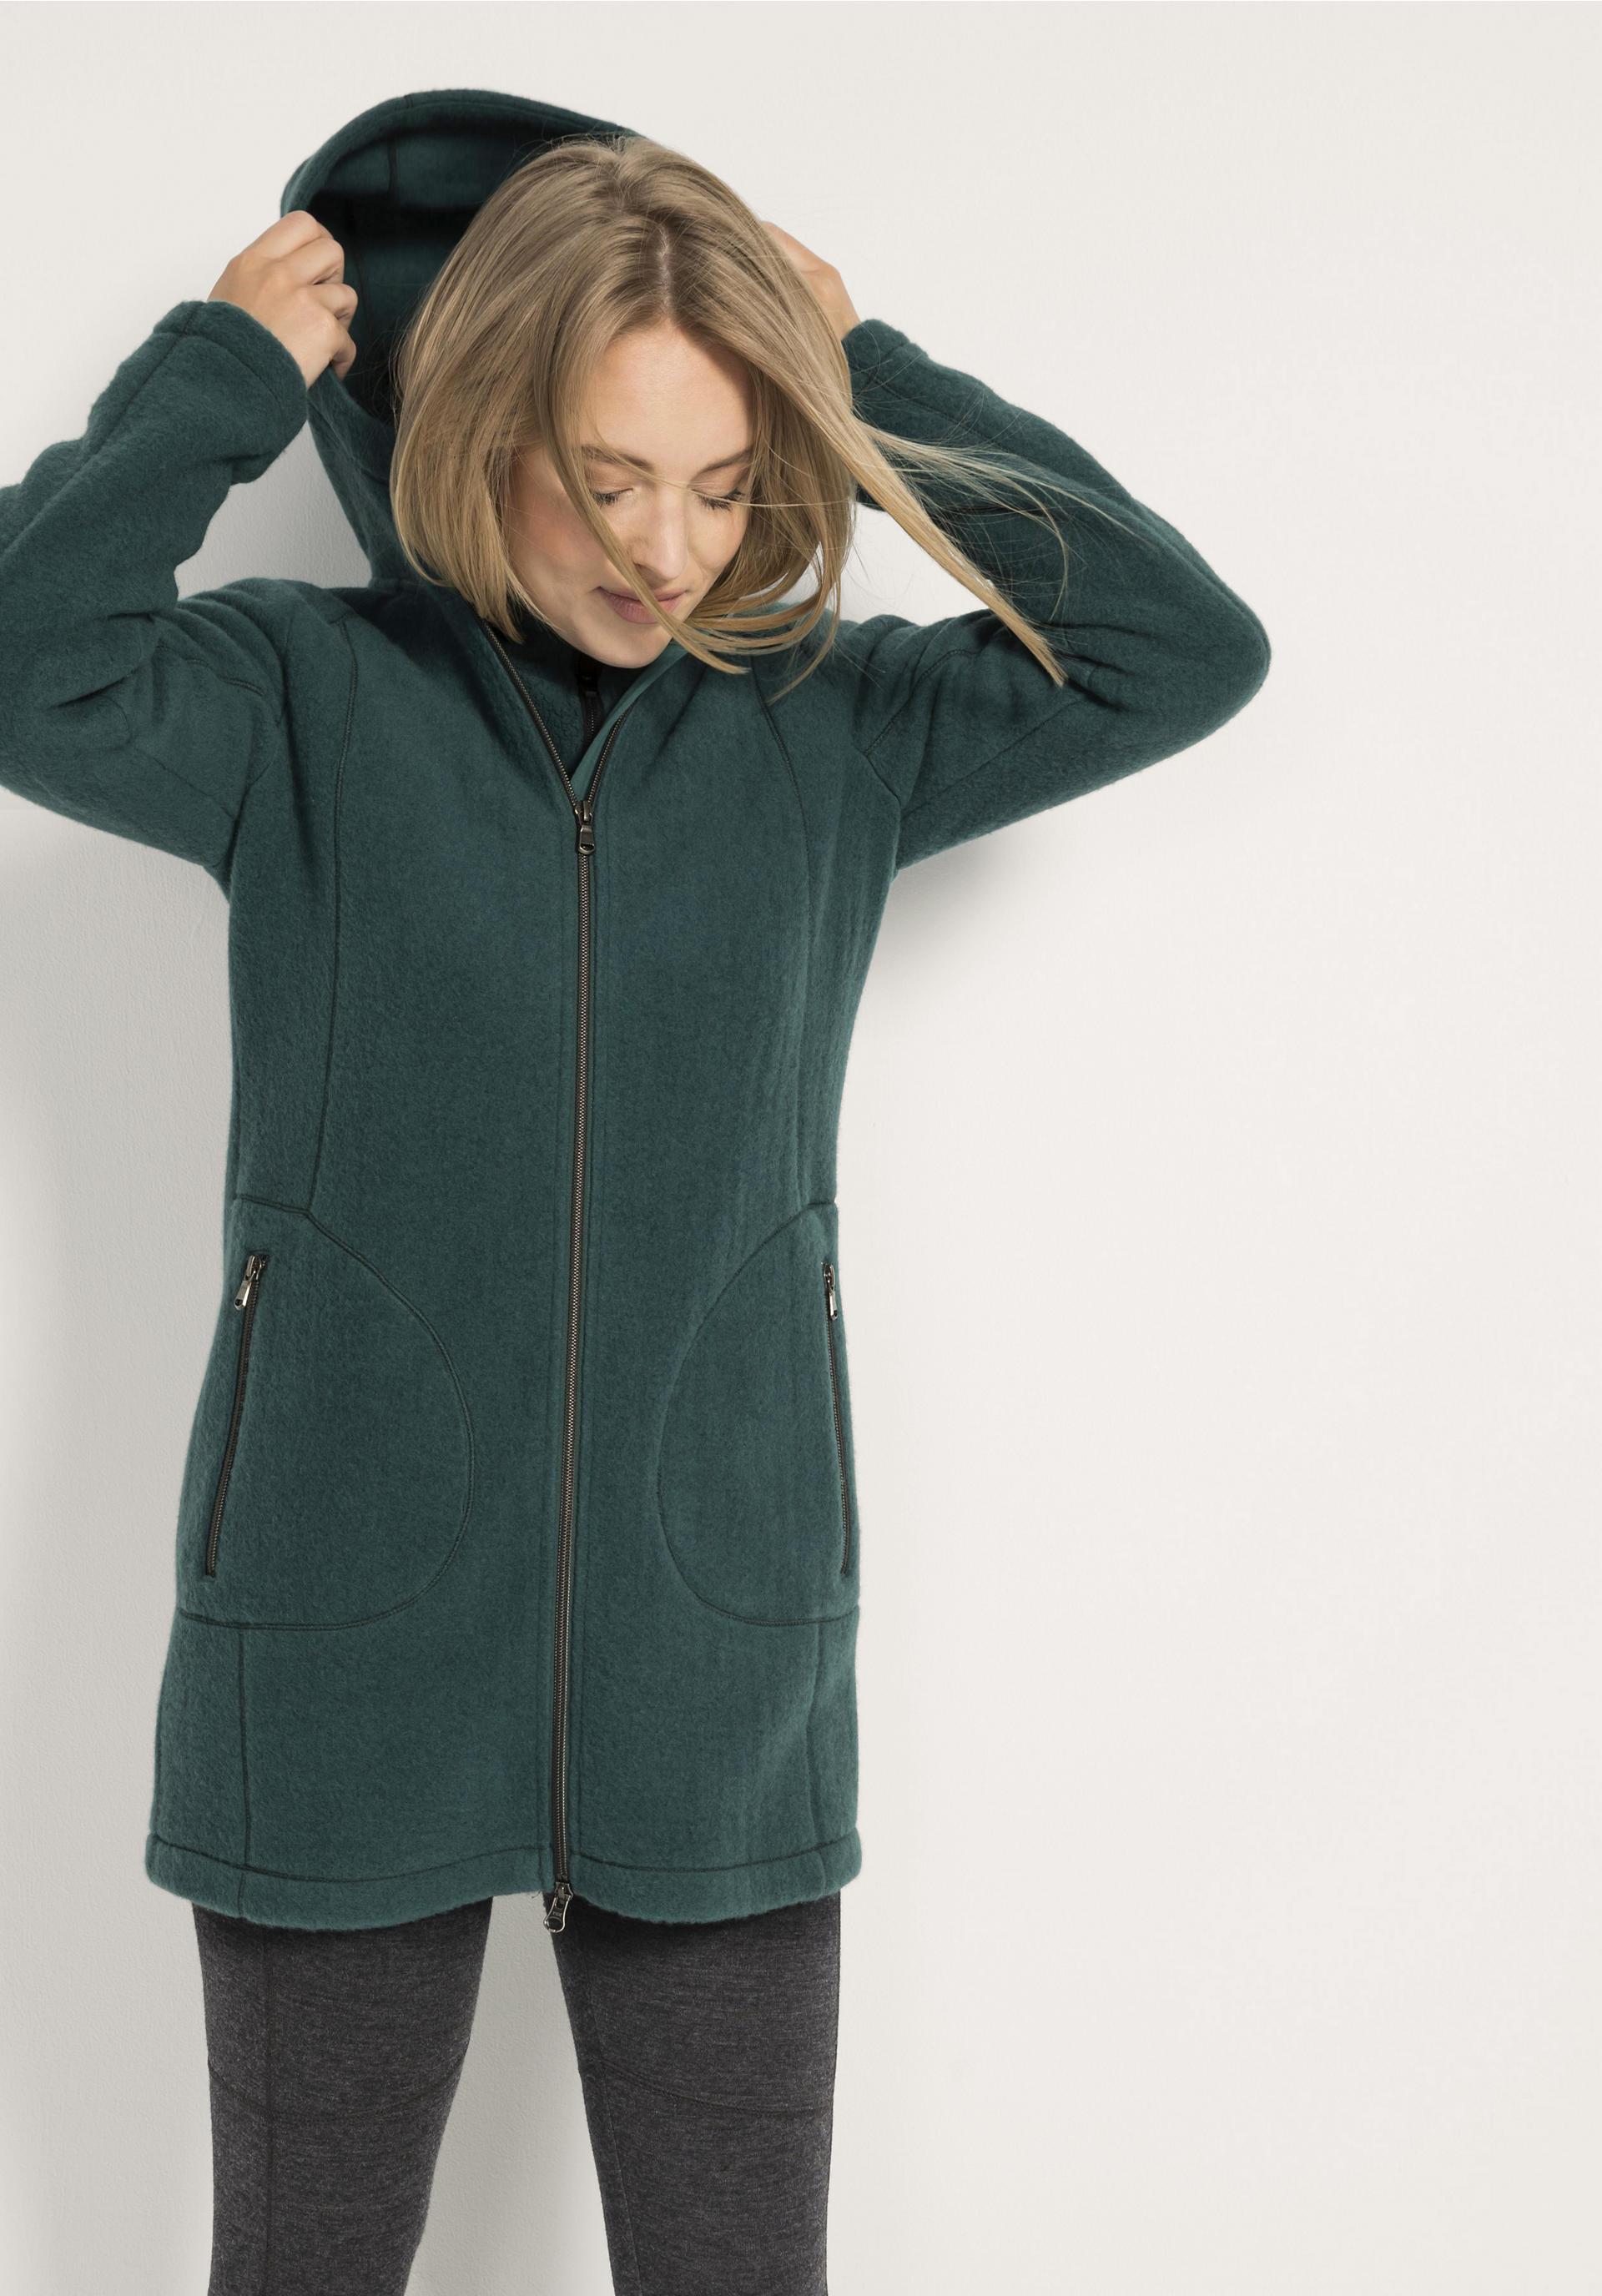 billigsten Verkauf High Fashion tolle Passform Damen Wollfleece-Jacke aus reiner Bio-Schurwolle von hessnatur